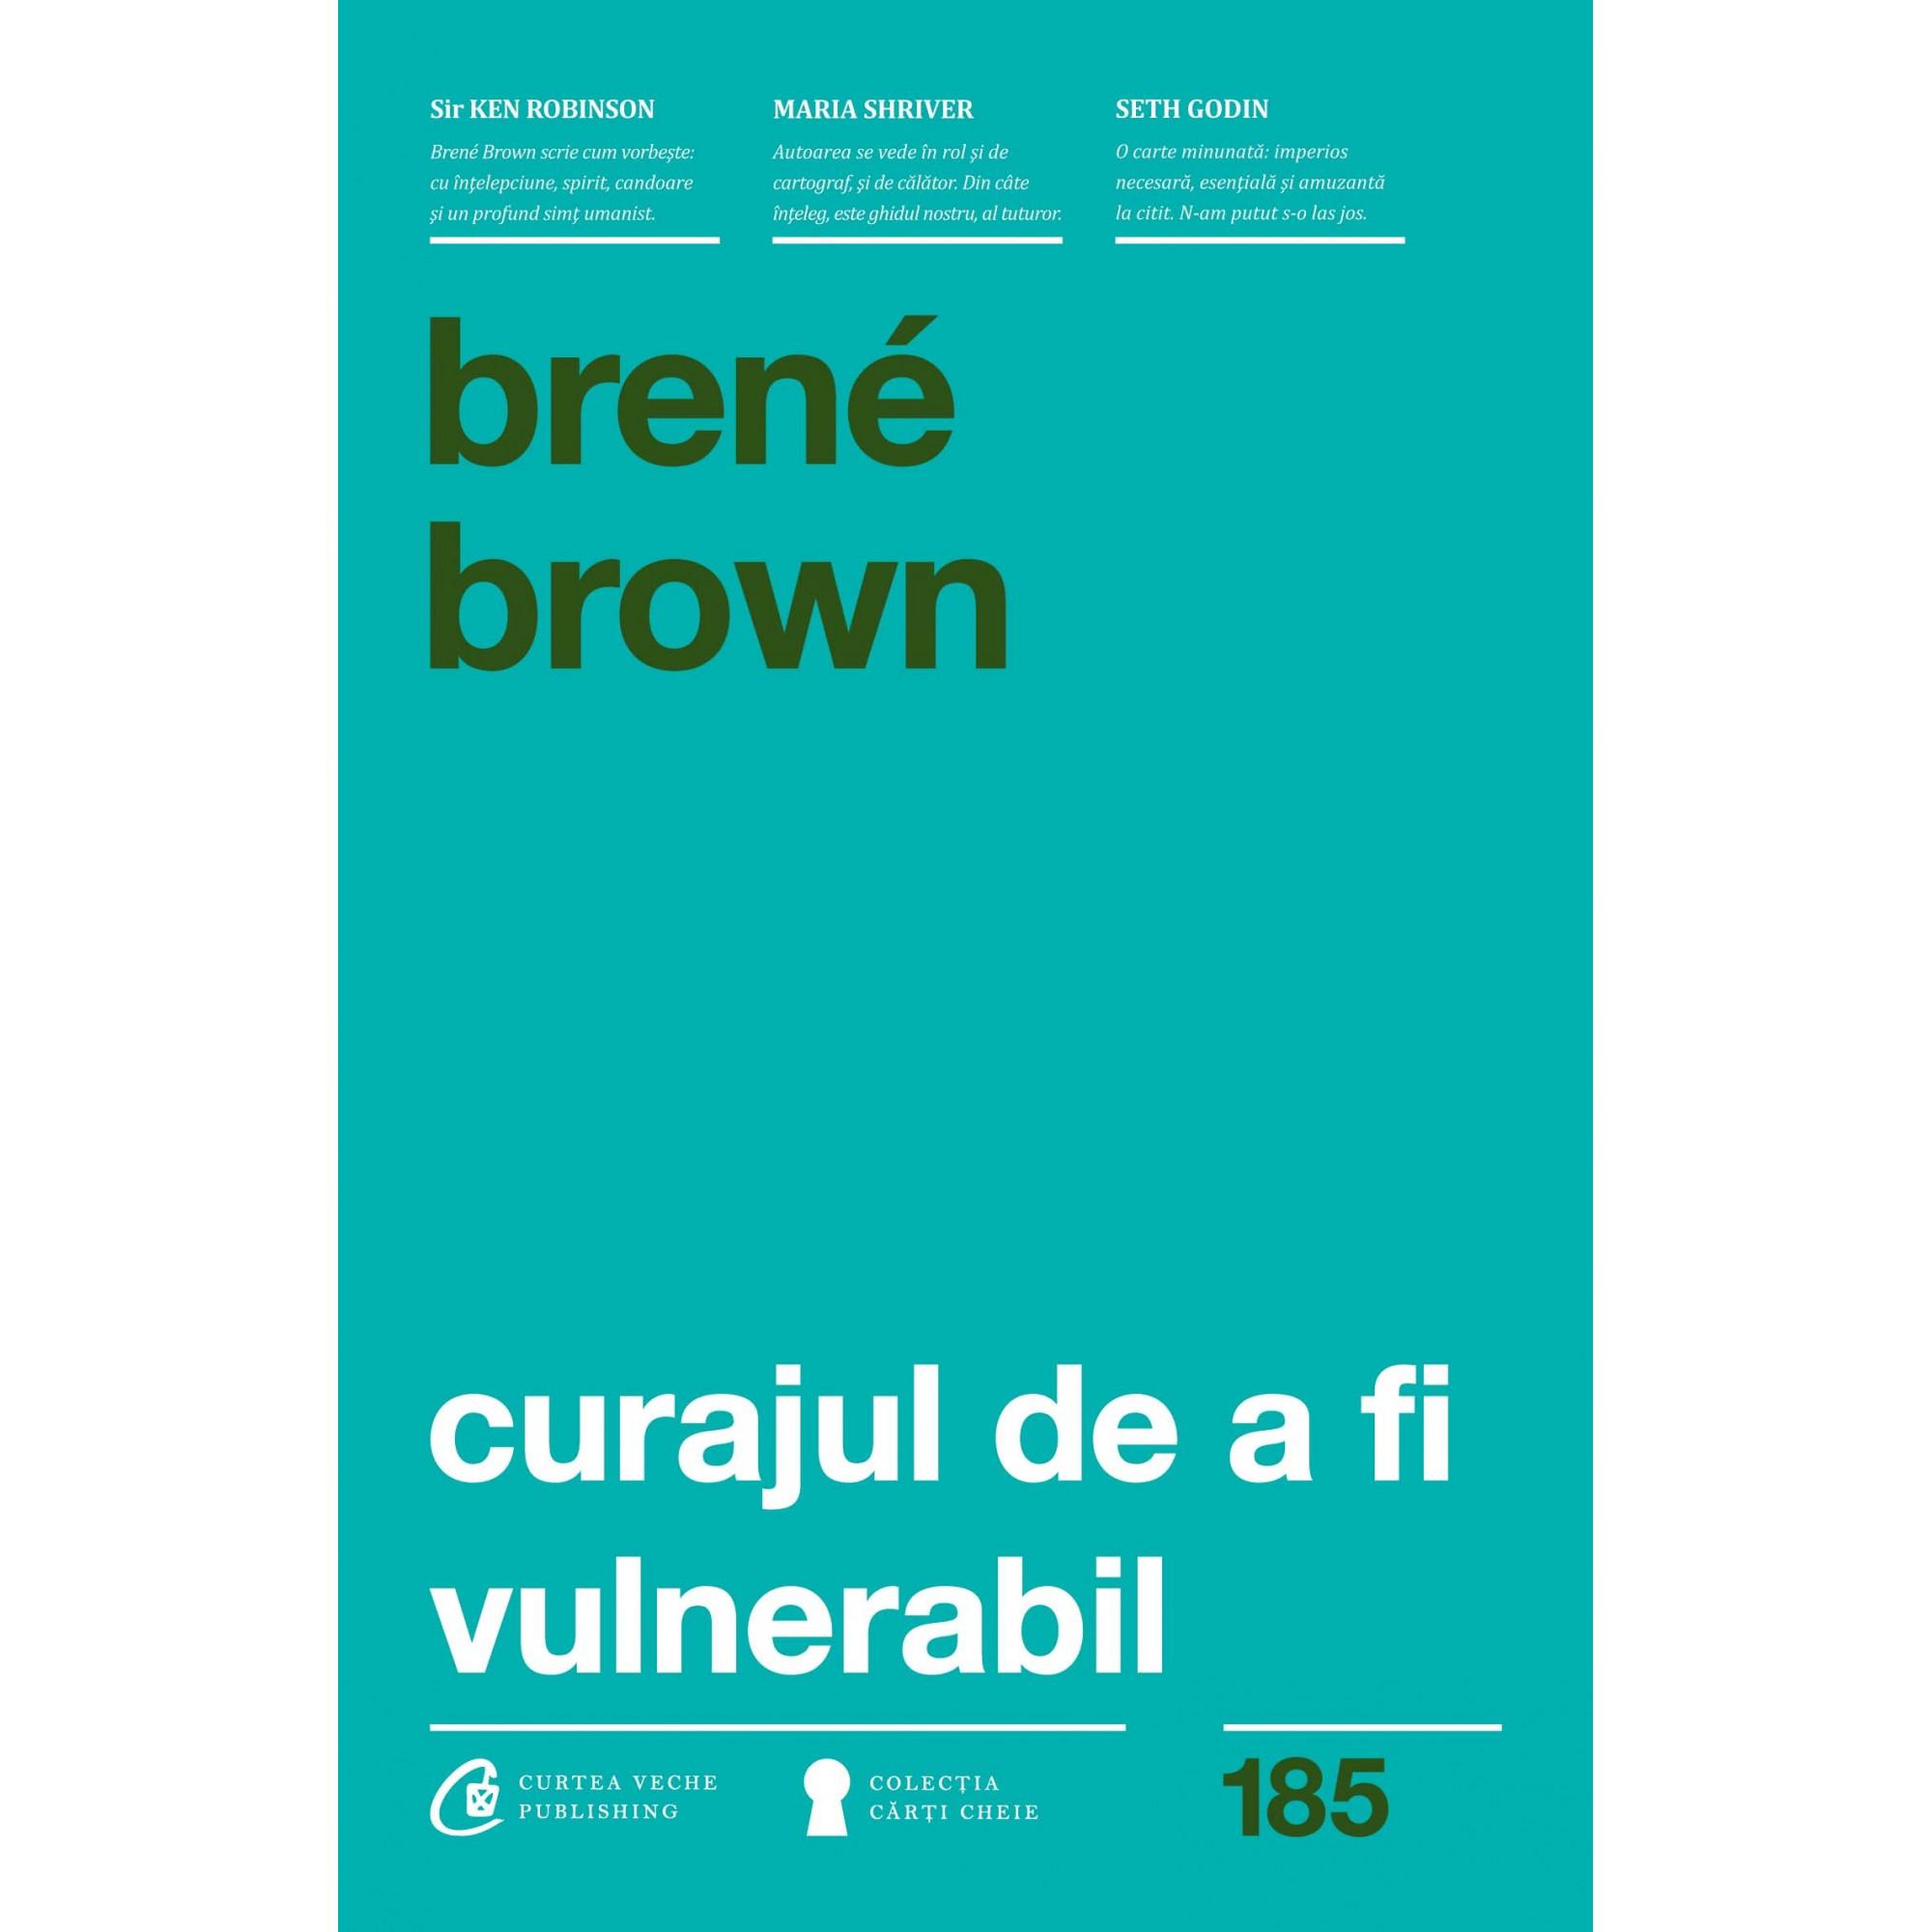 Curajul de a fi vulnerabil; Brene Brown